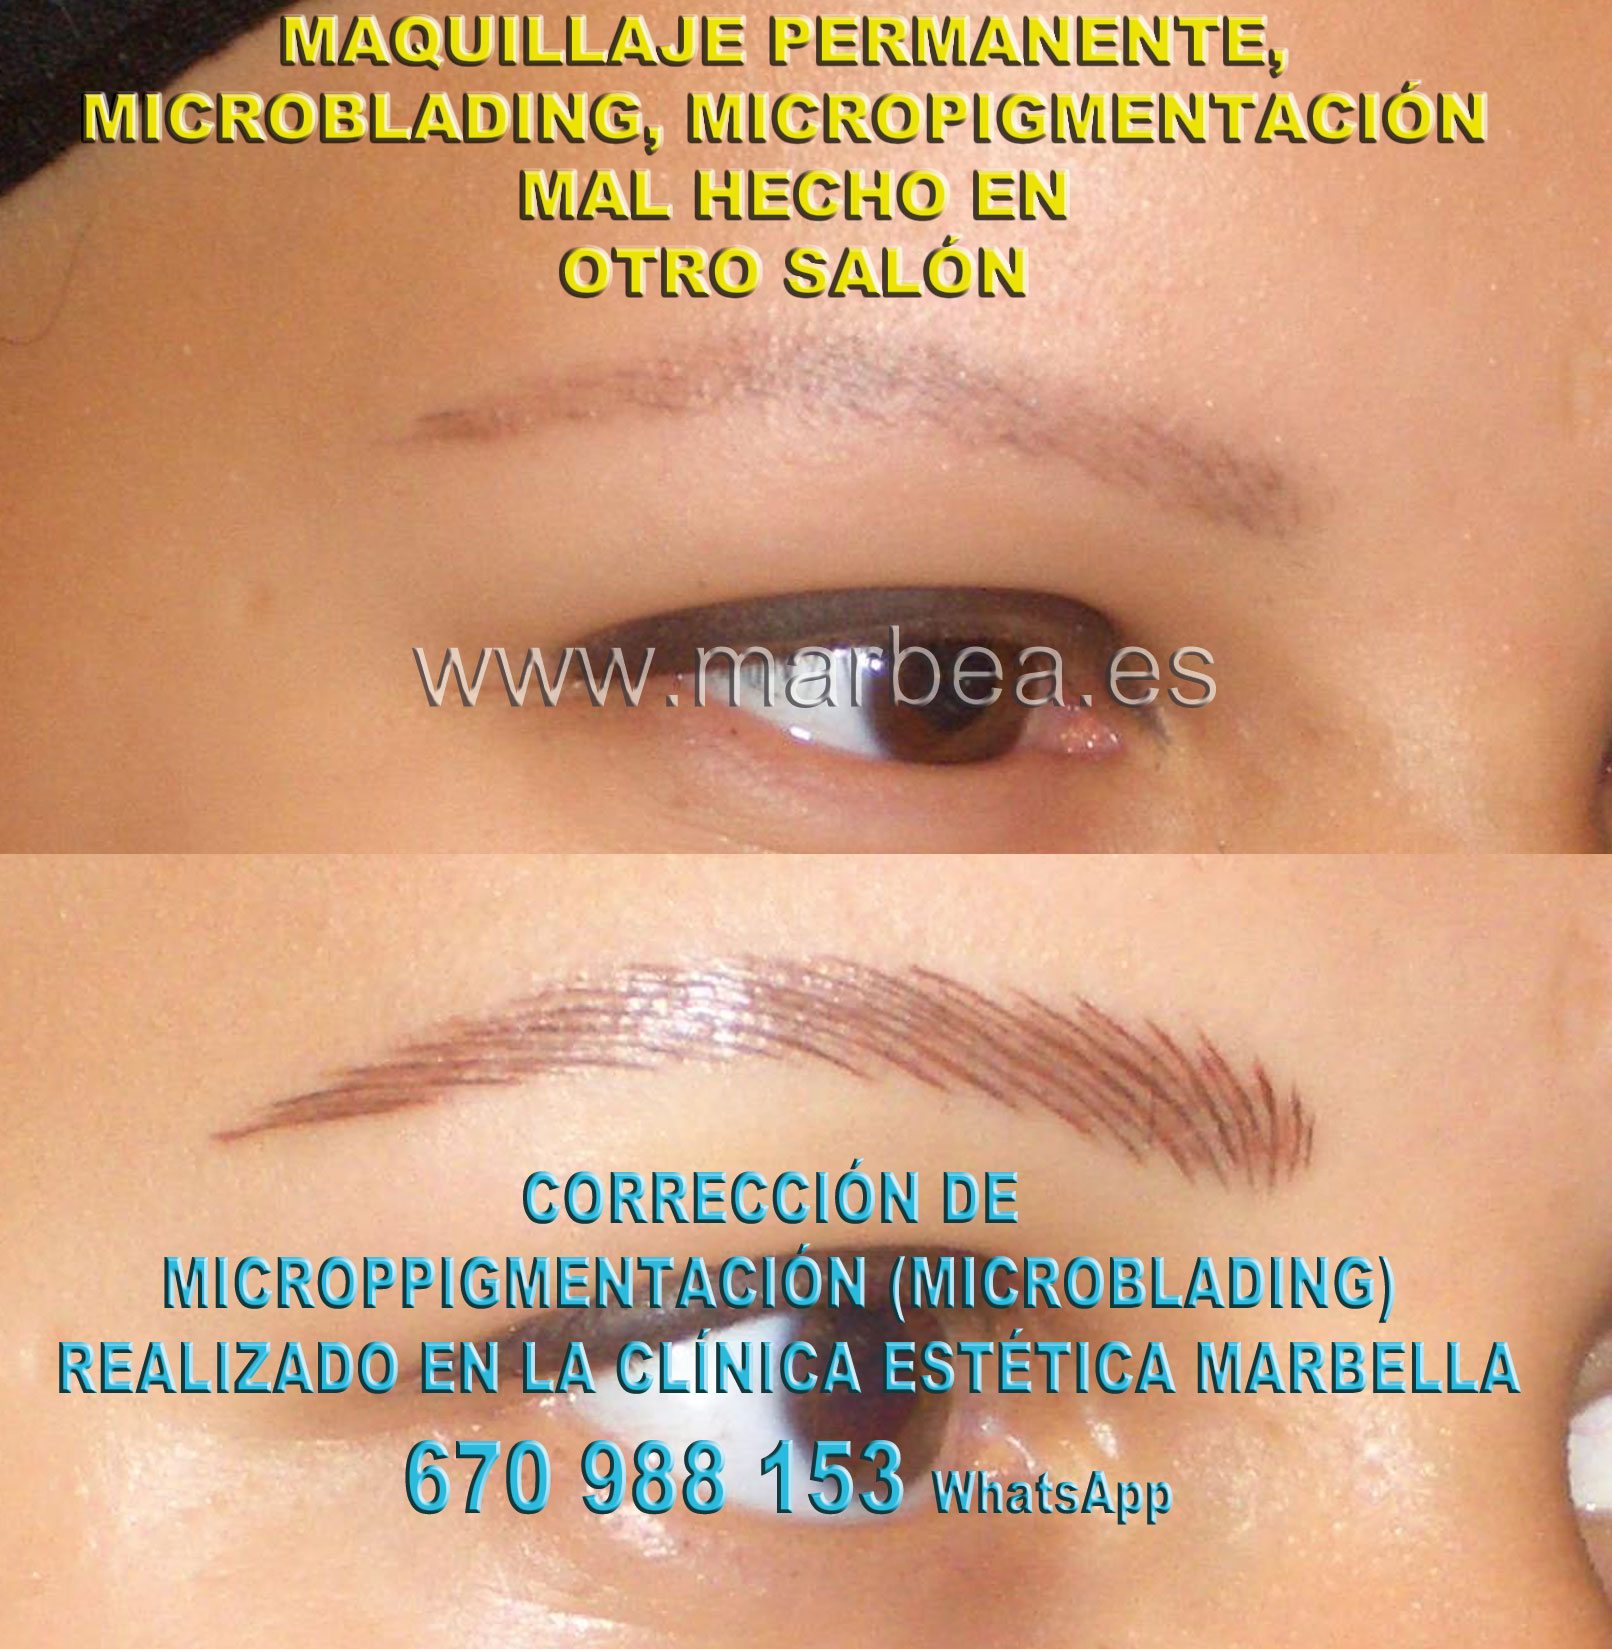 ELIMINAR TATUAJE CEJAS clínica estética maquillaje permanete propone micropigmentacion correctiva de cejas,corregir micropigmentación mal hecha